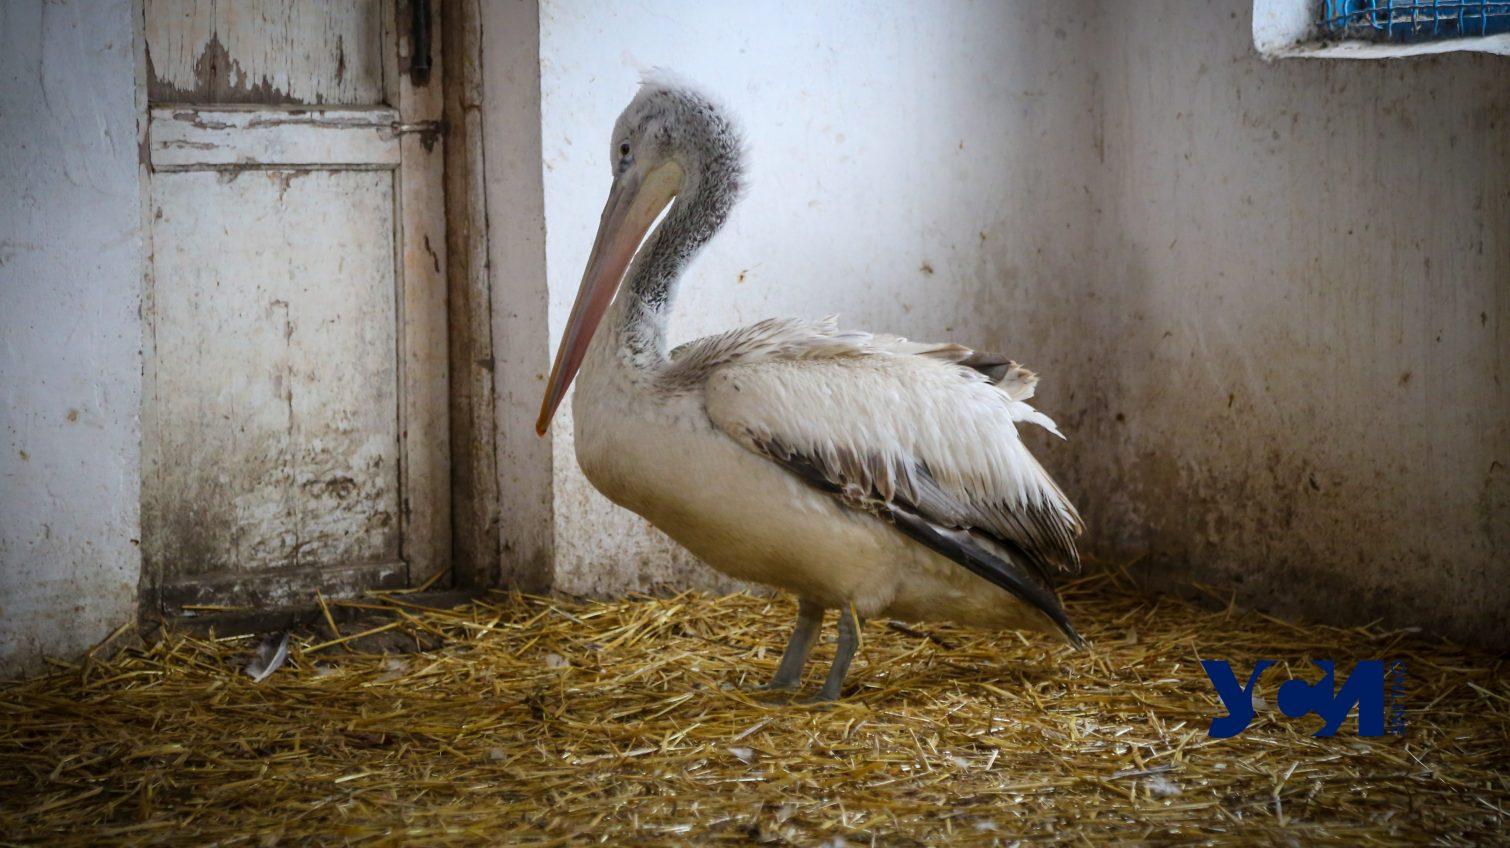 В одесском зоопарке спасли краснокнижного пеликана (фото, видео) «фото»